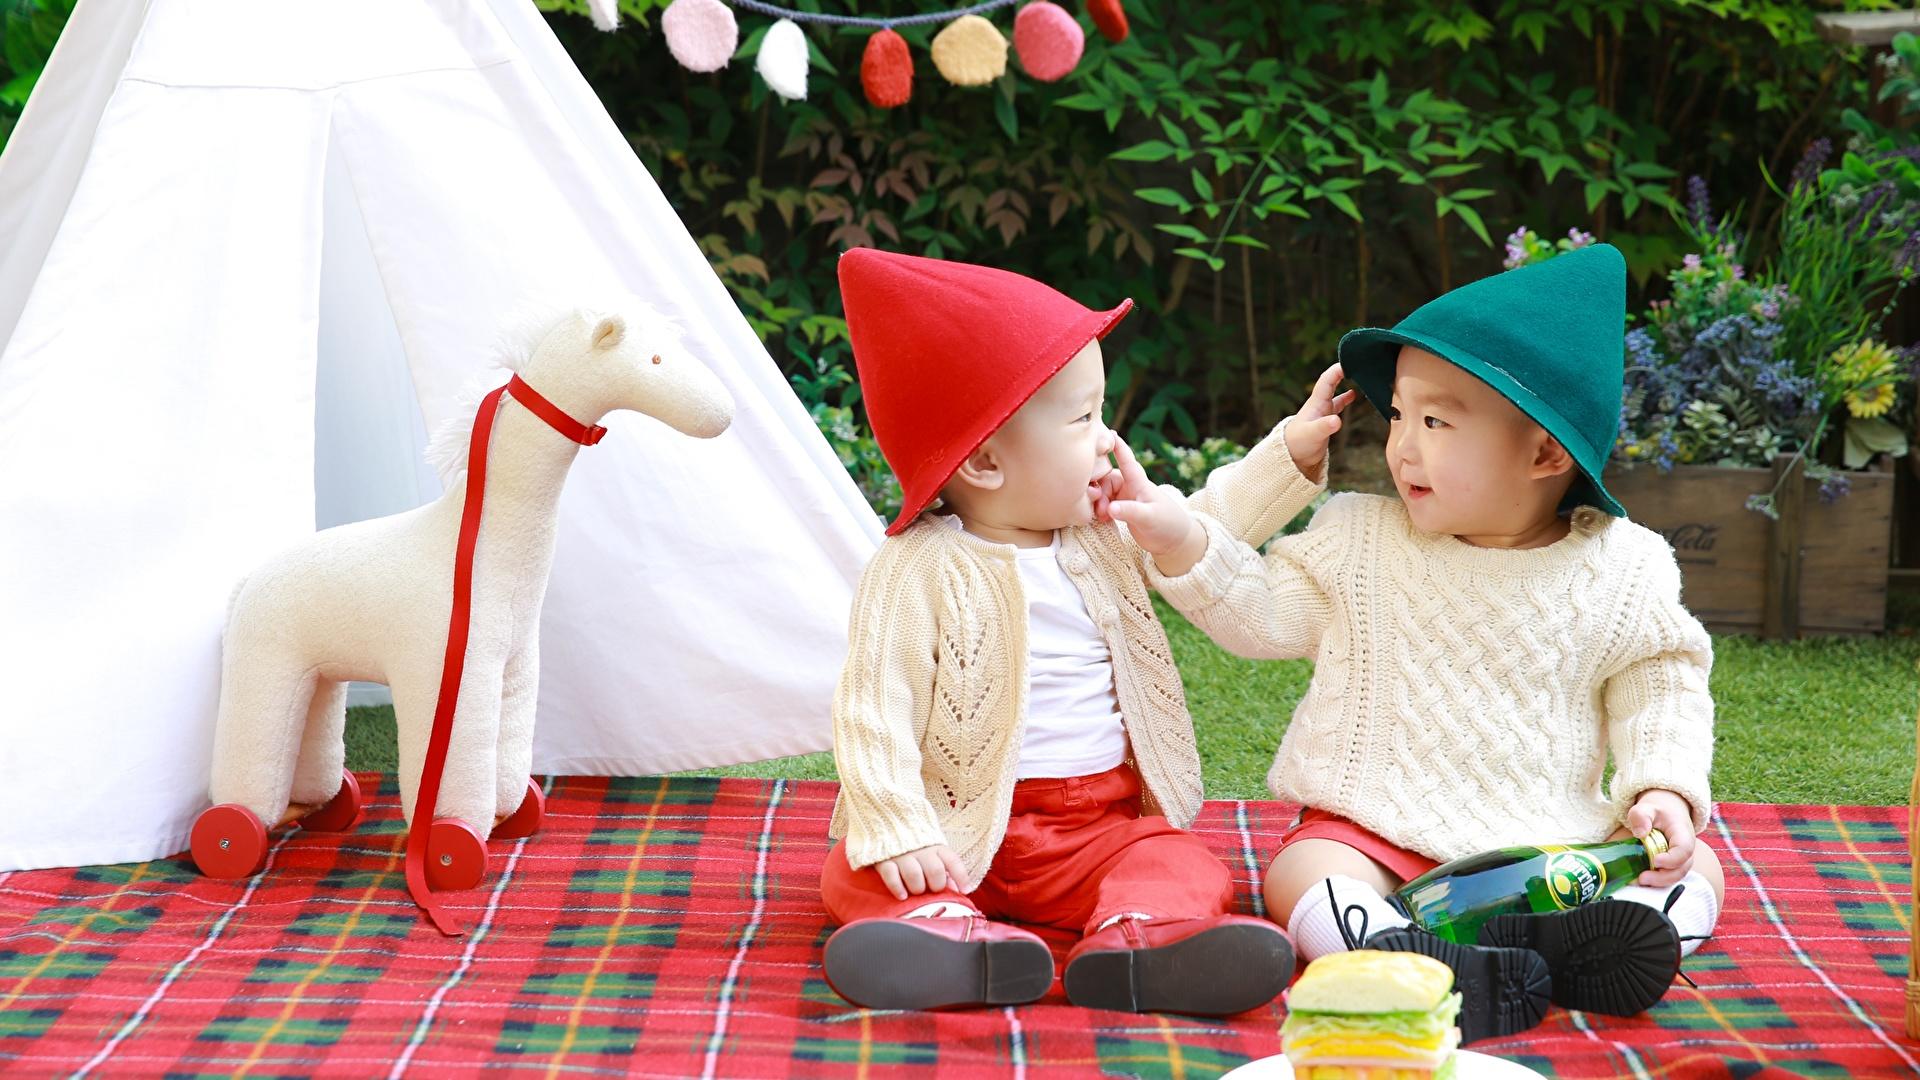 Bilder von Junge Kinder 2 Mütze Sweatshirt Asiatische Sitzend 1920x1080 Zwei